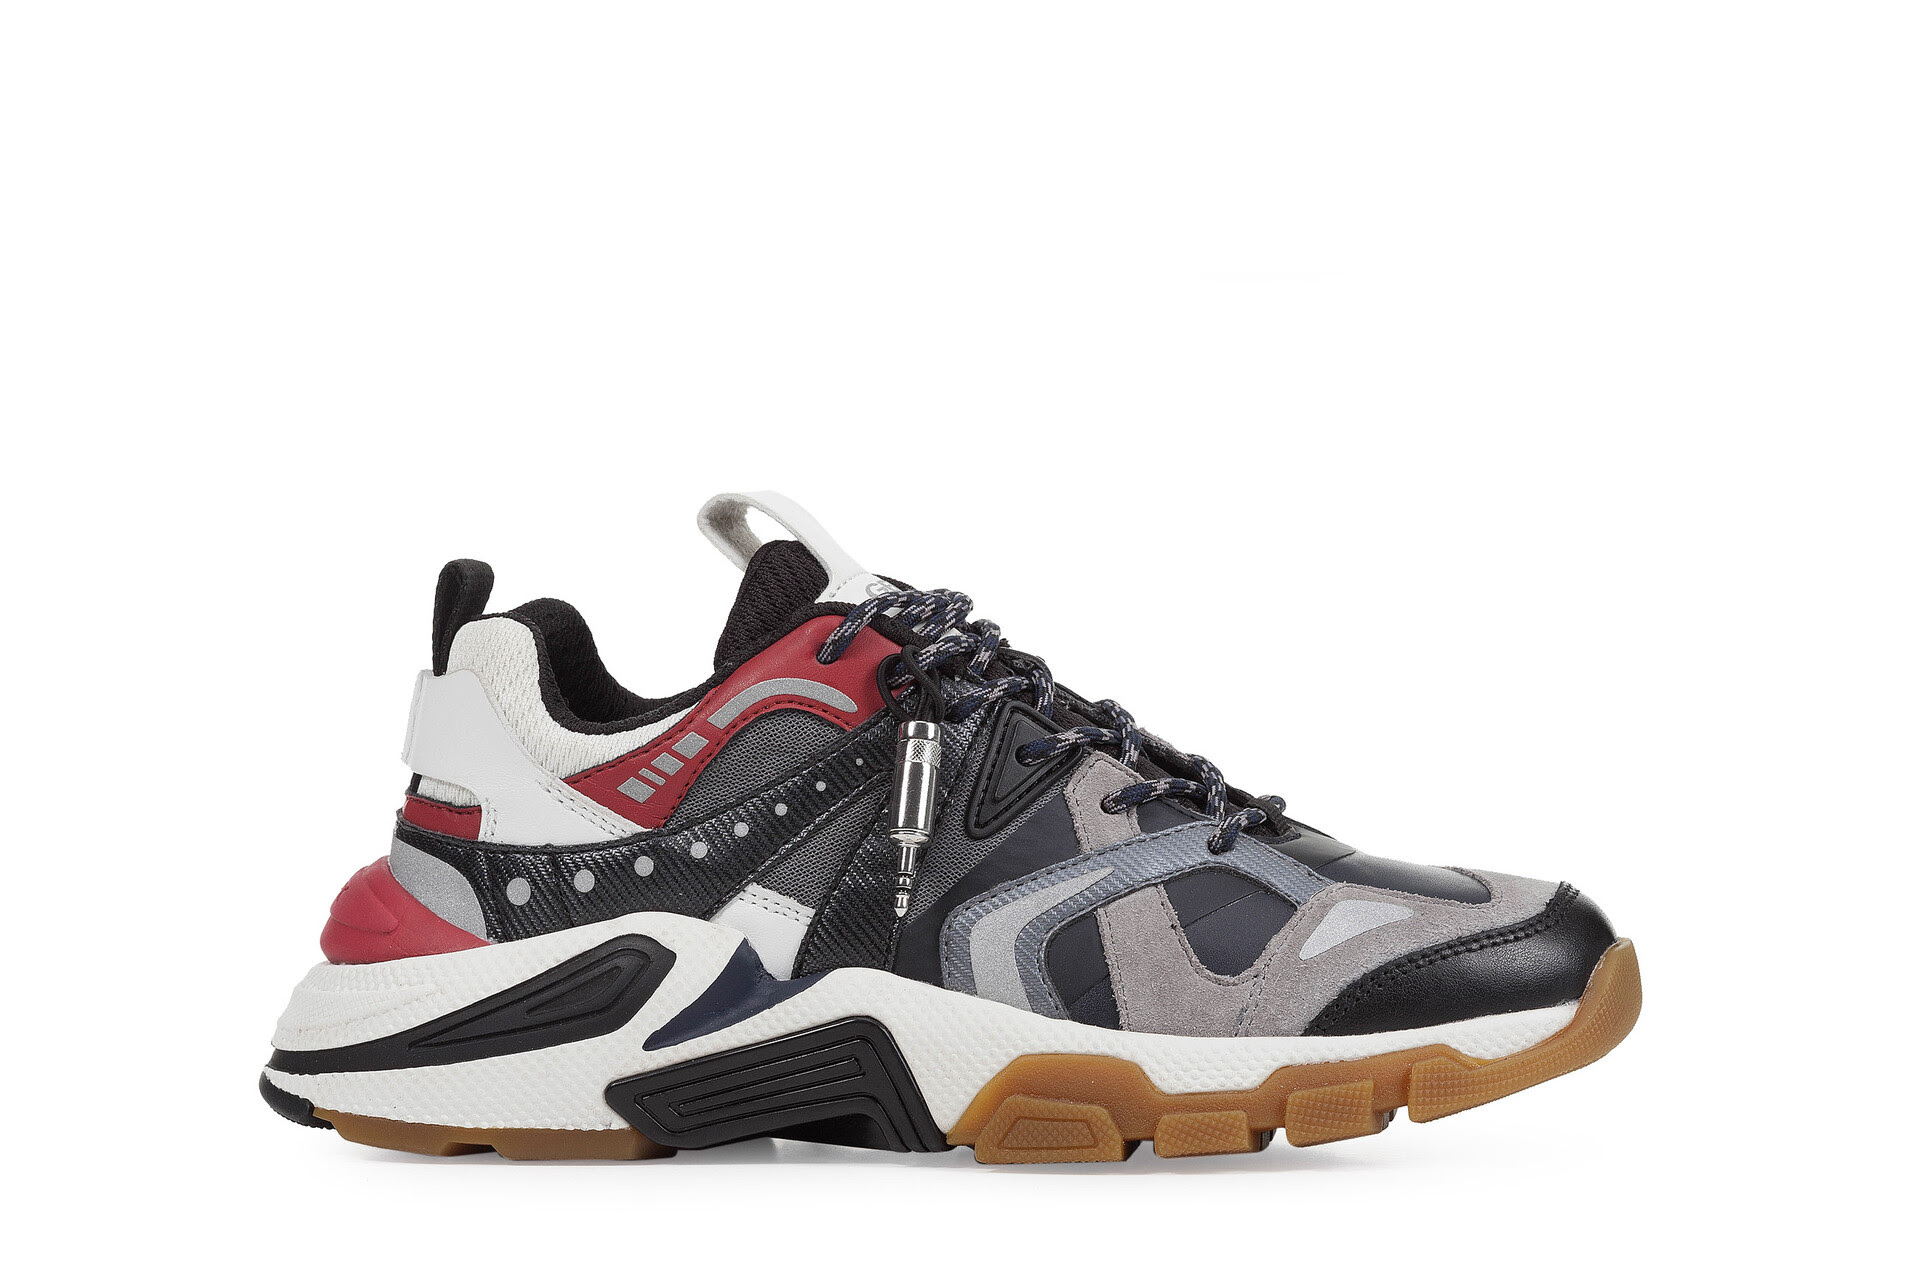 b4dffd80 139b 45e7 b146 762ee9d2b8f8 - Kaia Gerber tiene la selección de prendas y calzado perfectos para hacer deporte en casa